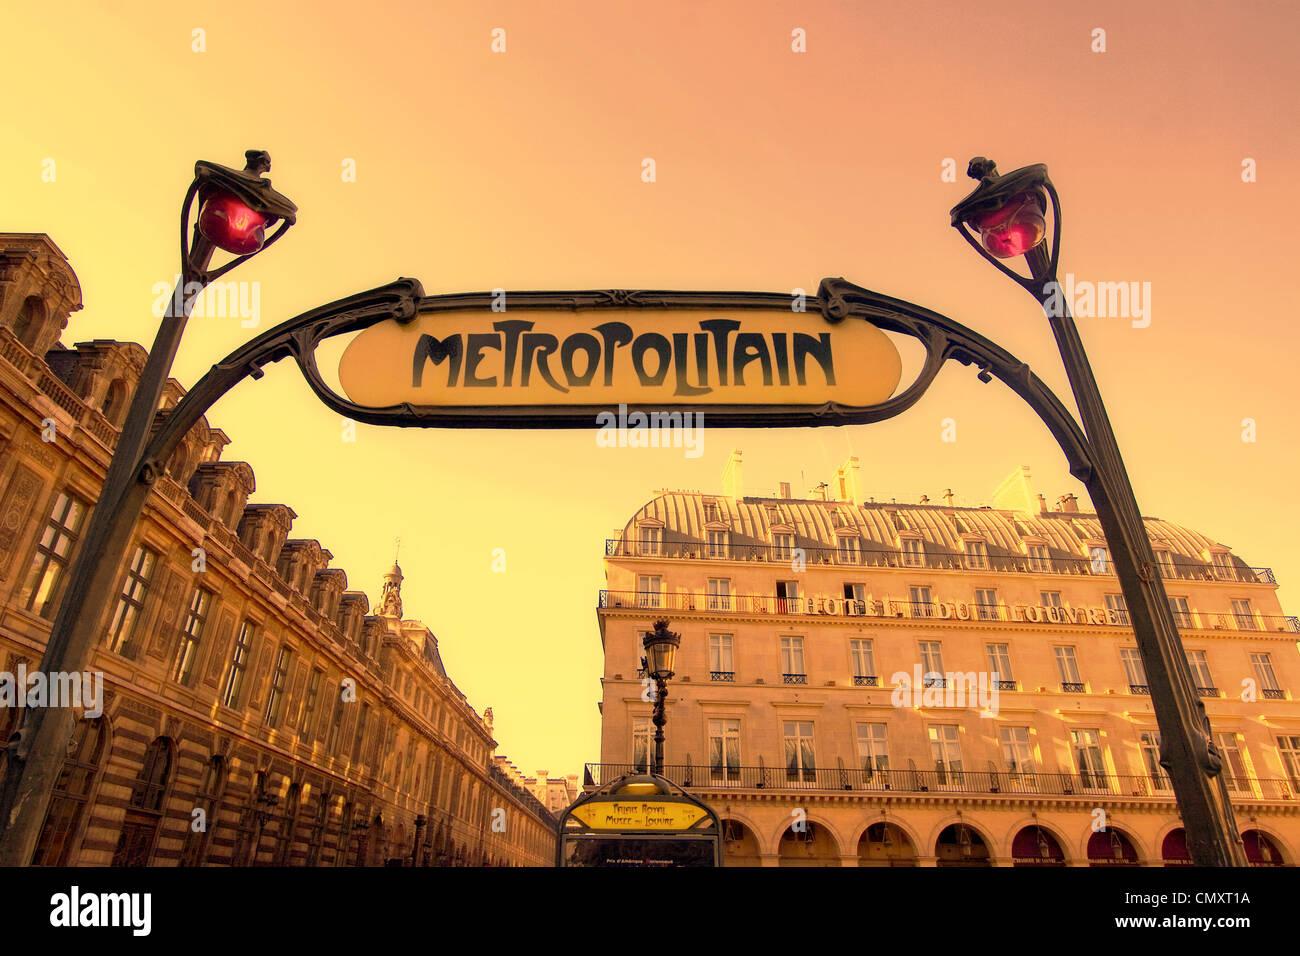 France Paris  Metro entrance  sign art nouveau - Stock Image